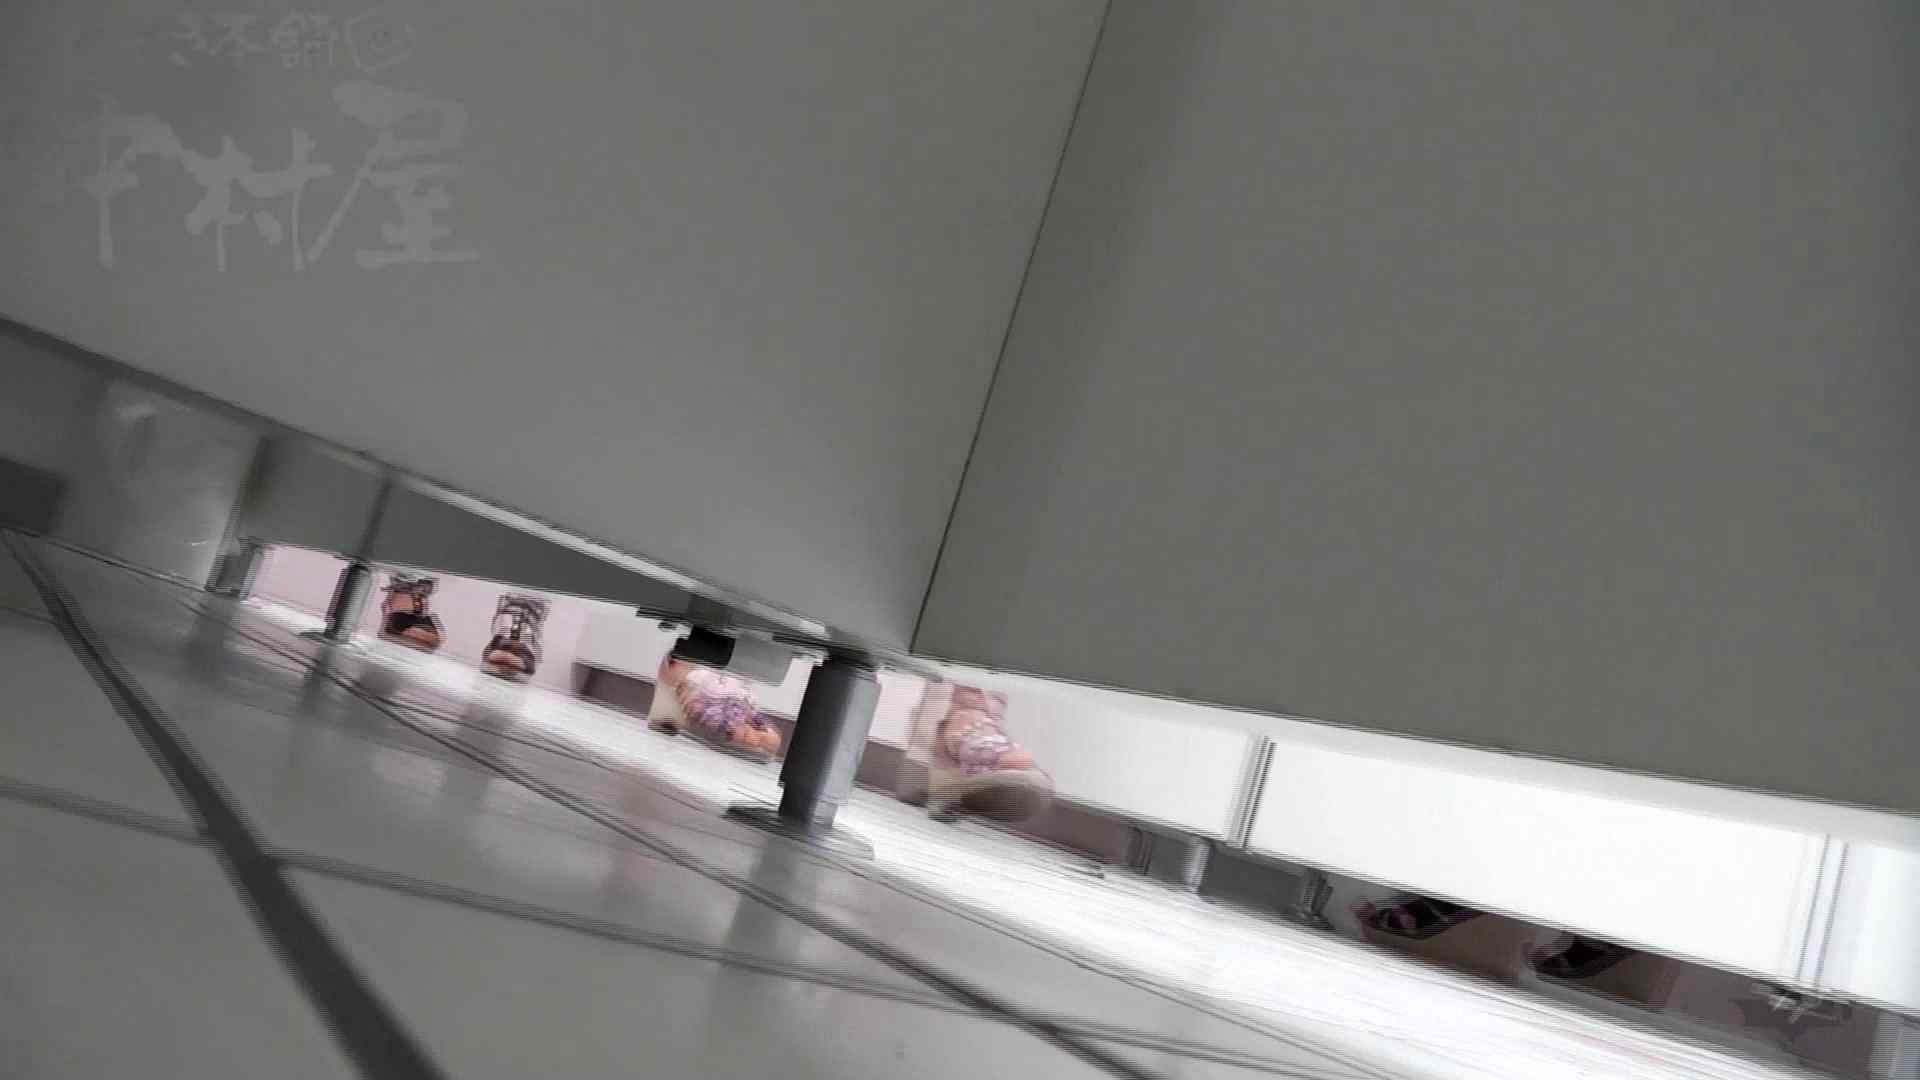 美しい日本の未来 No.16 あぁ懐かしき青春の日々・・・。 マンコ | 盗撮  94pic 5